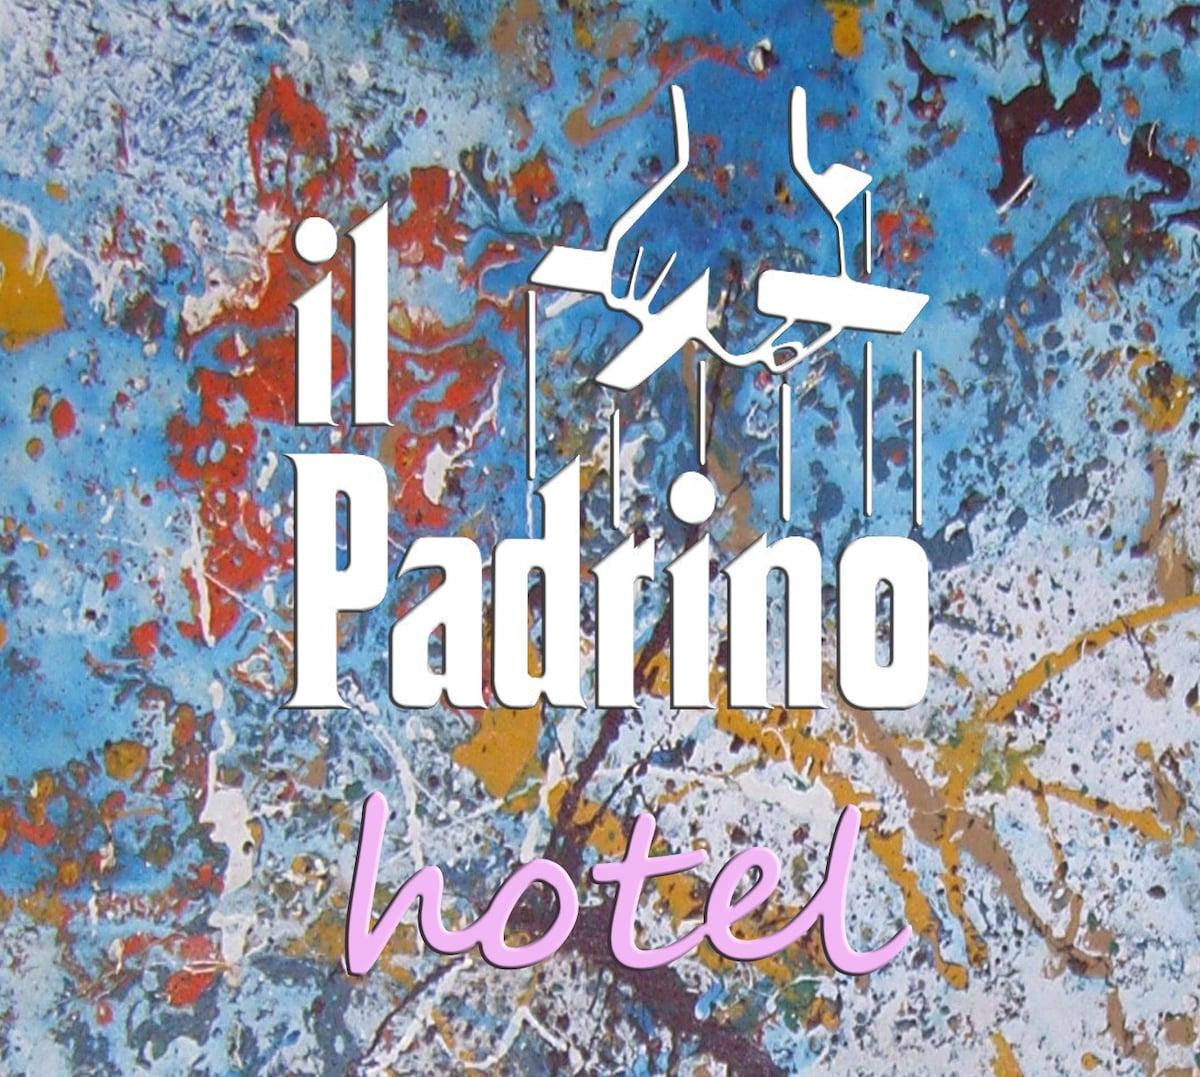 Il Padrino from Granada